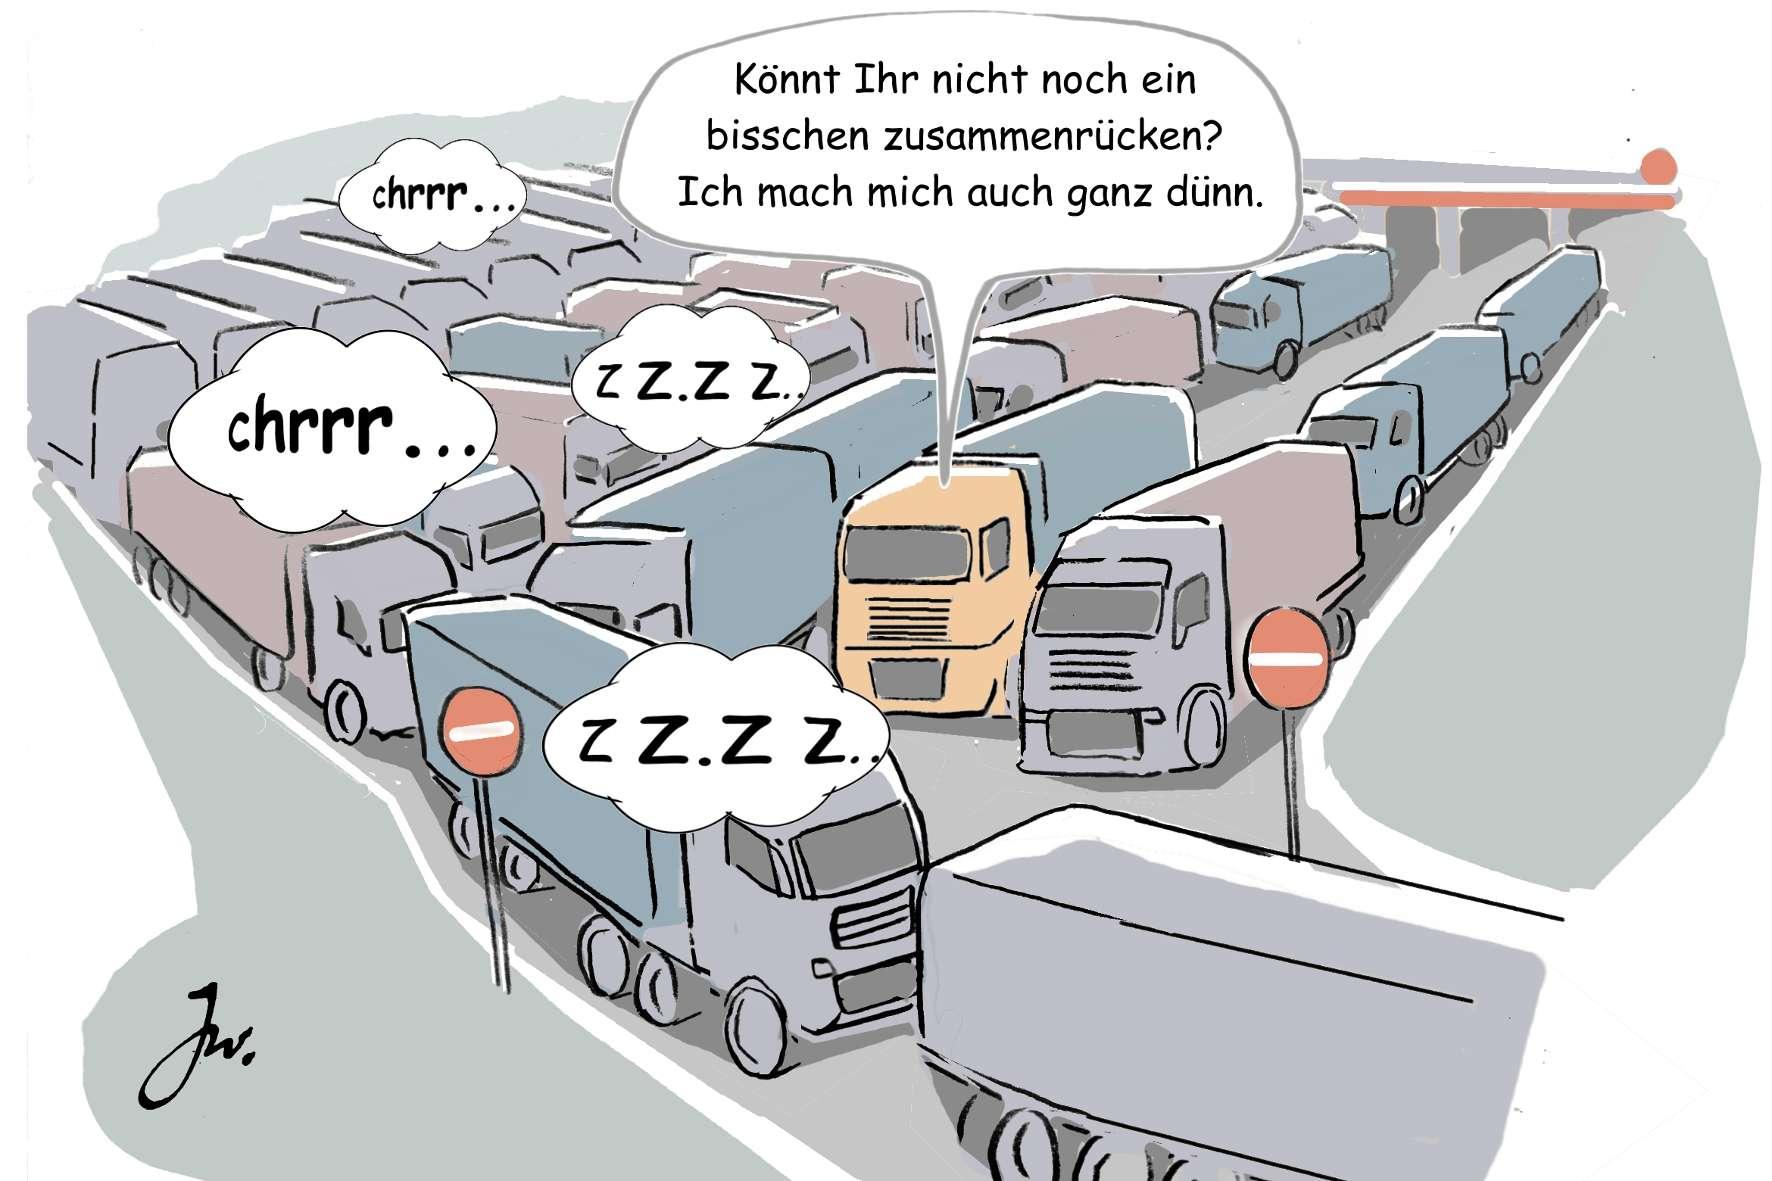 Lkw-Parkraumpotenziale neben der Autobahn bleiben bislang oft unbeachtet